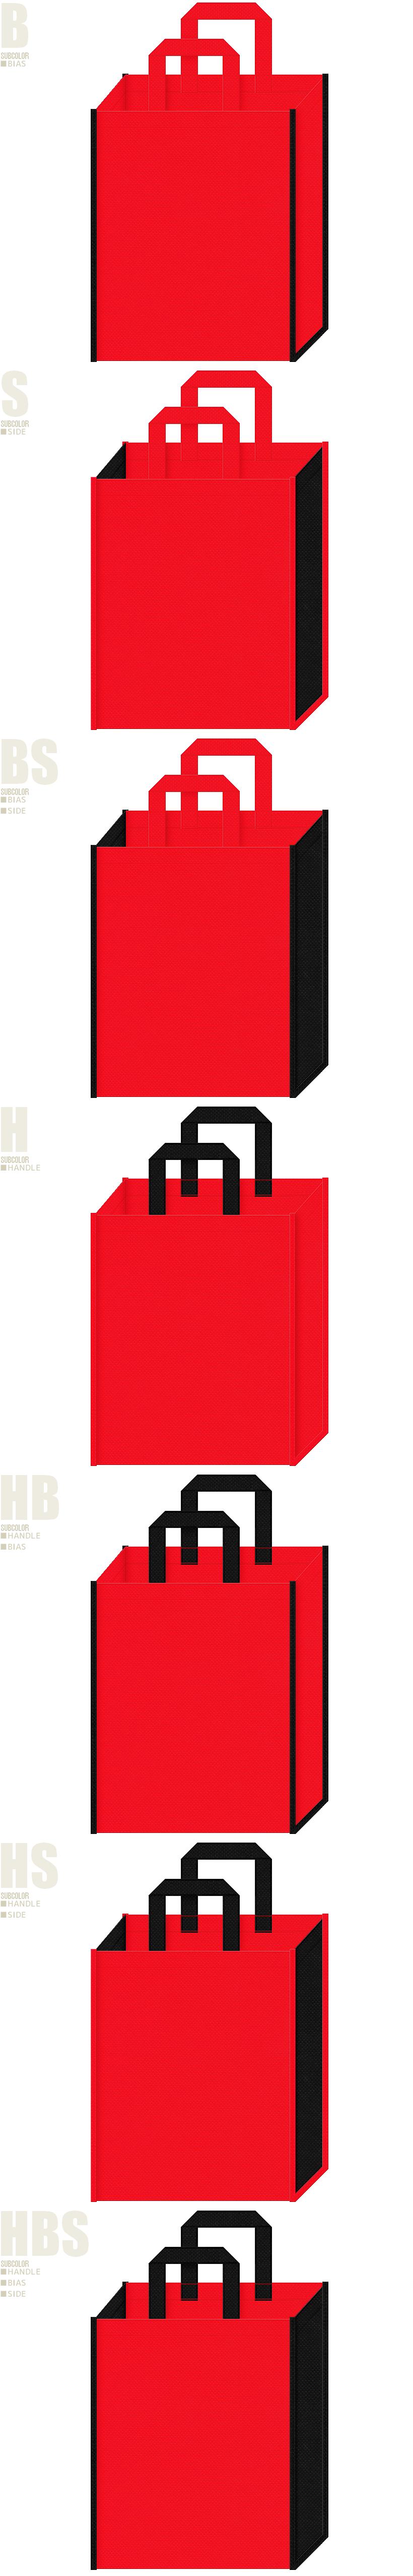 レスキュー・消防団・夏祭り・花火大会・御輿・縁日・法被・提灯・ダーツ・ルーレット・トランプ・カジノ・戦国・赤備え・アクションゲーム・シューティングゲーム・対戦型格闘ゲーム・ゲームの展示会用バッグにお奨めの不織布バッグデザイン:赤色と黒色の配色7パターン